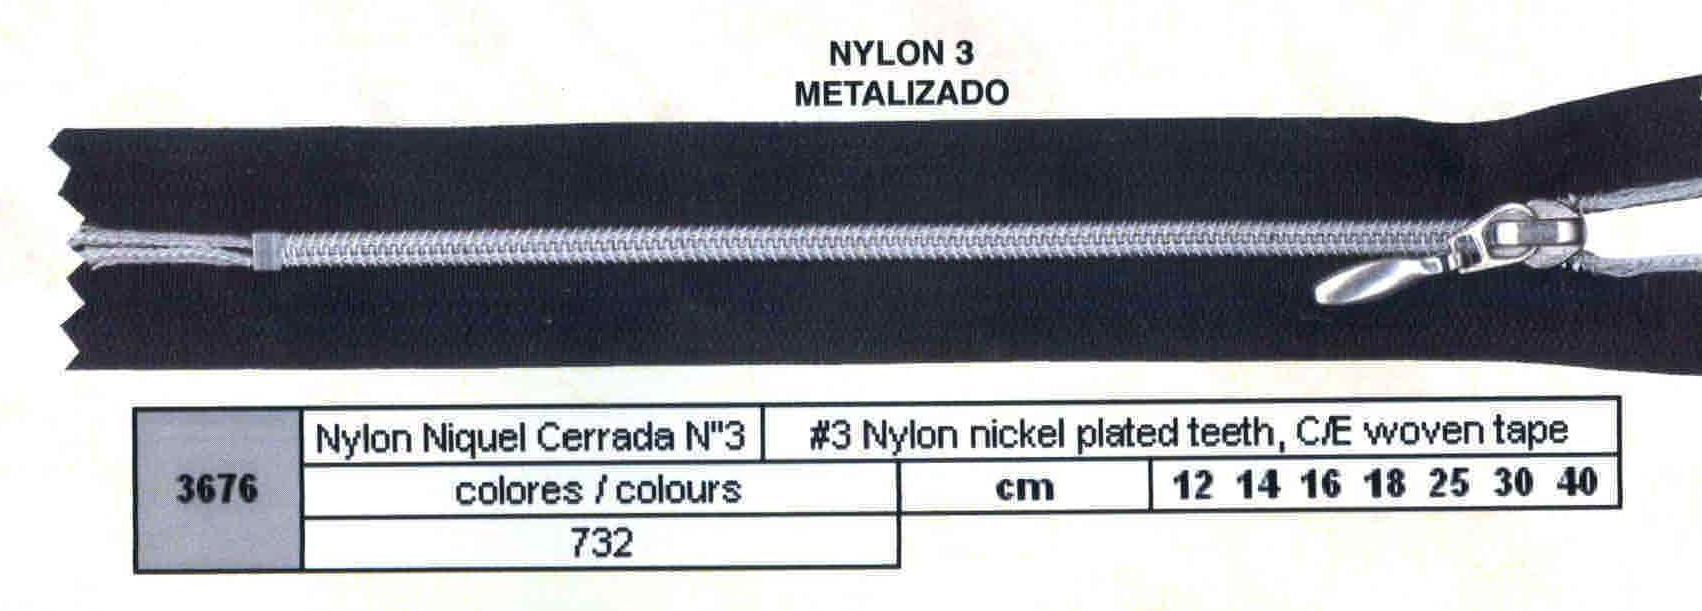 Cremallera SNS Nylon Níquel Cerrada num. 3